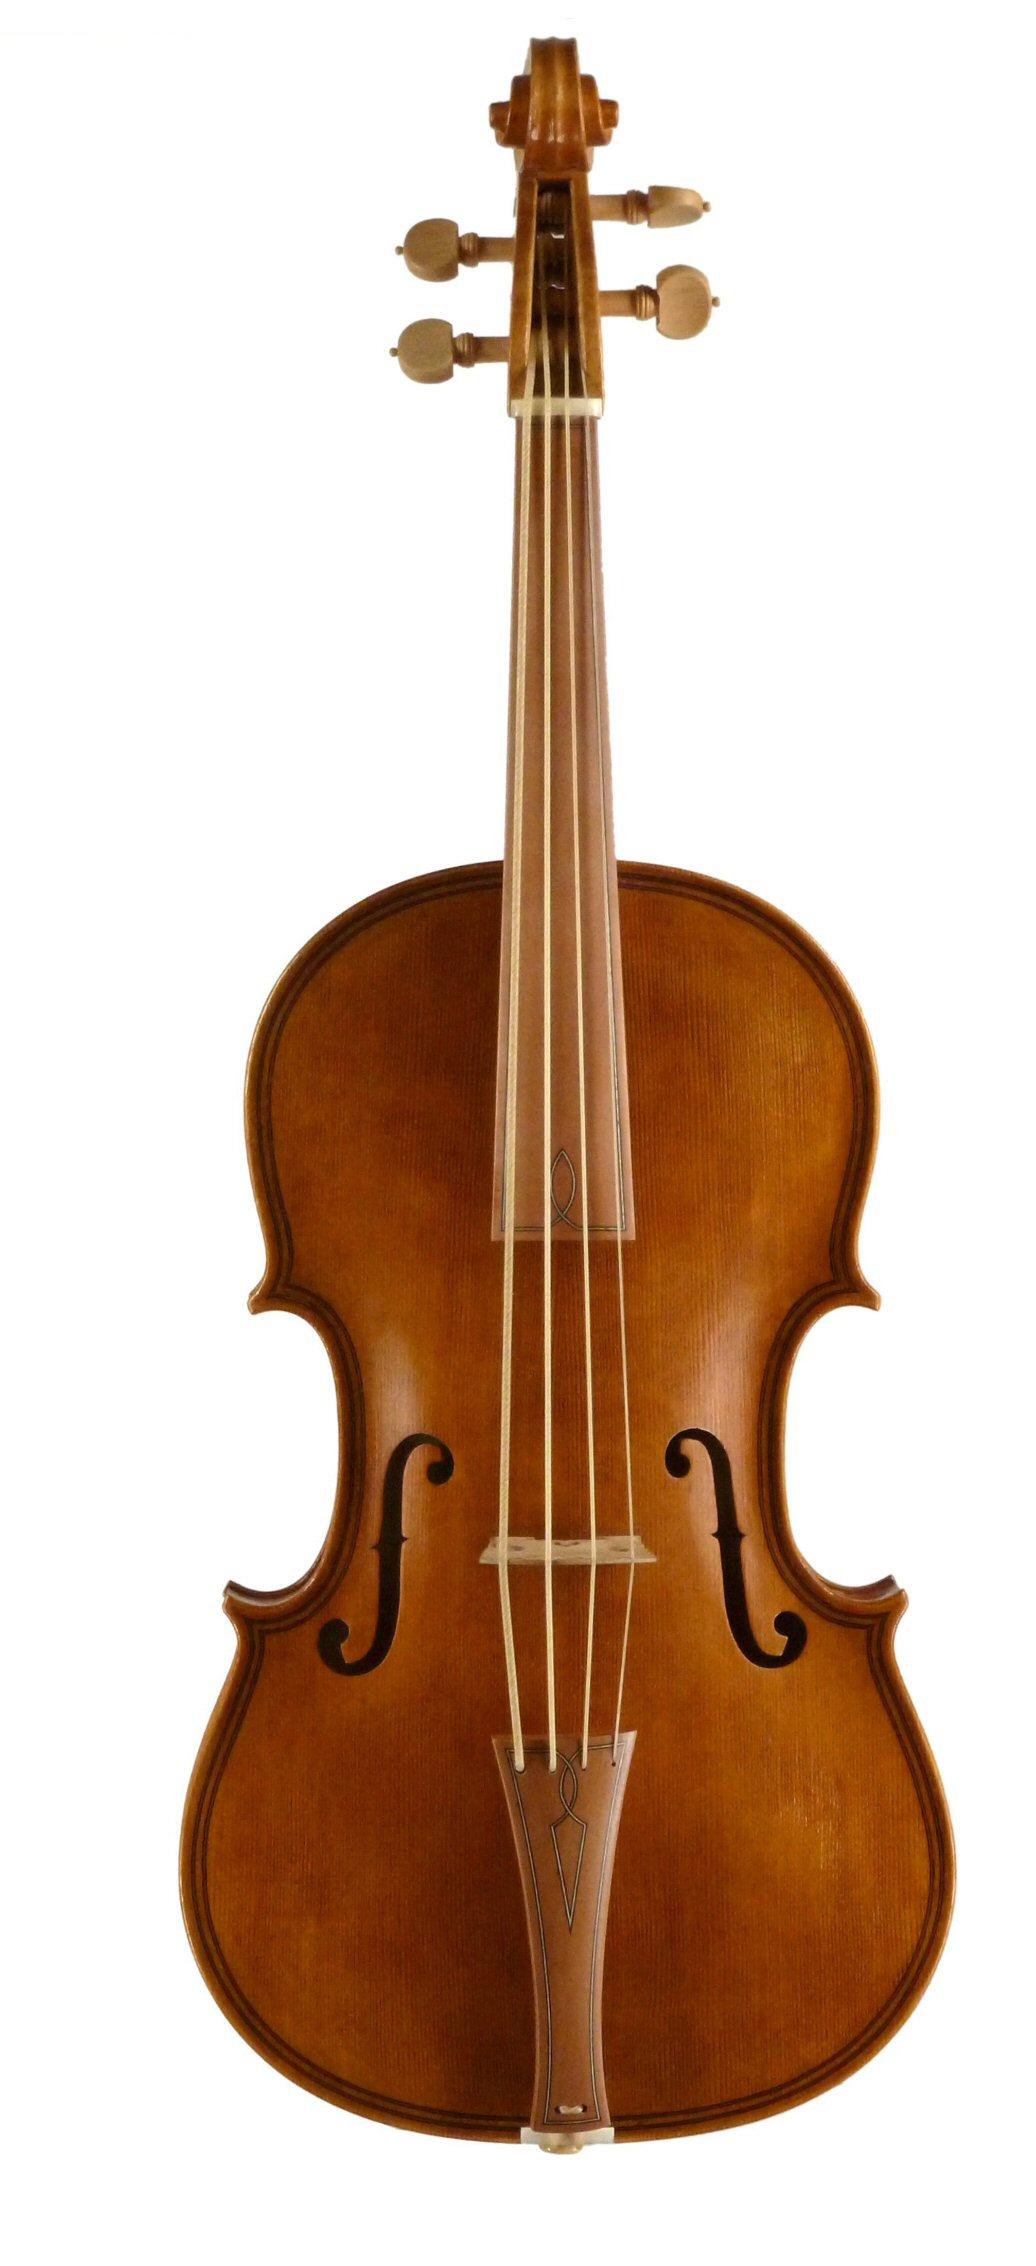 baroque viola 2012 after baker oxford 1683